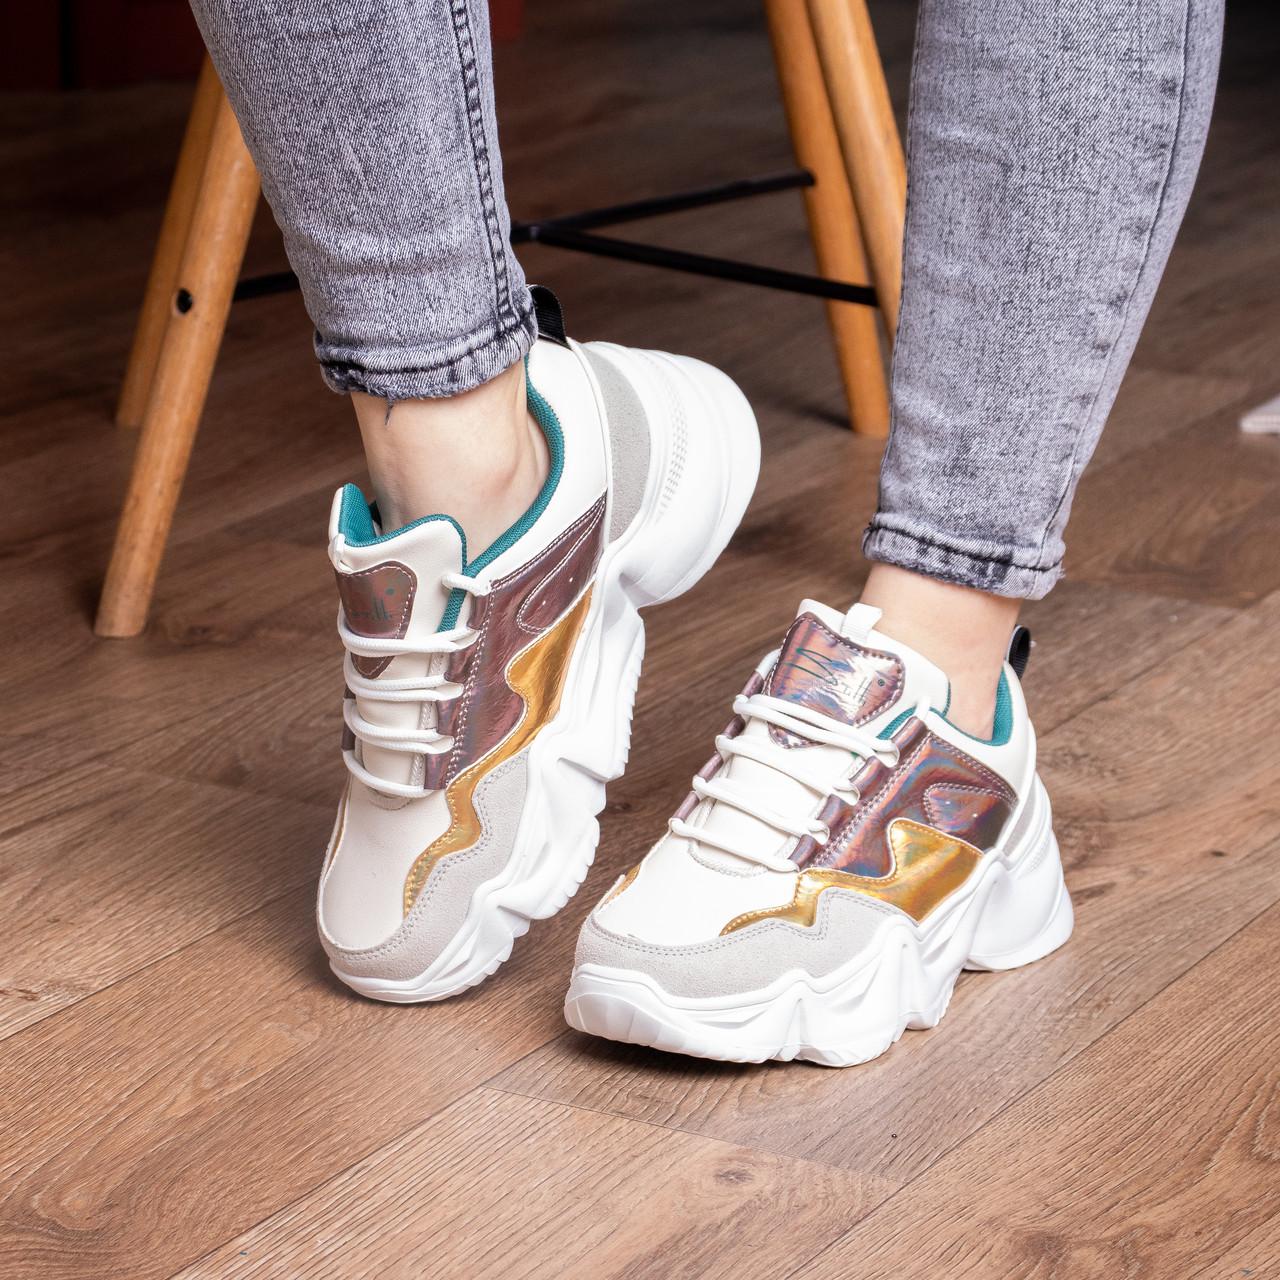 Кросівки жіночі Fashion Frasier 2126 36 розмір, 23,5 см Бежевий